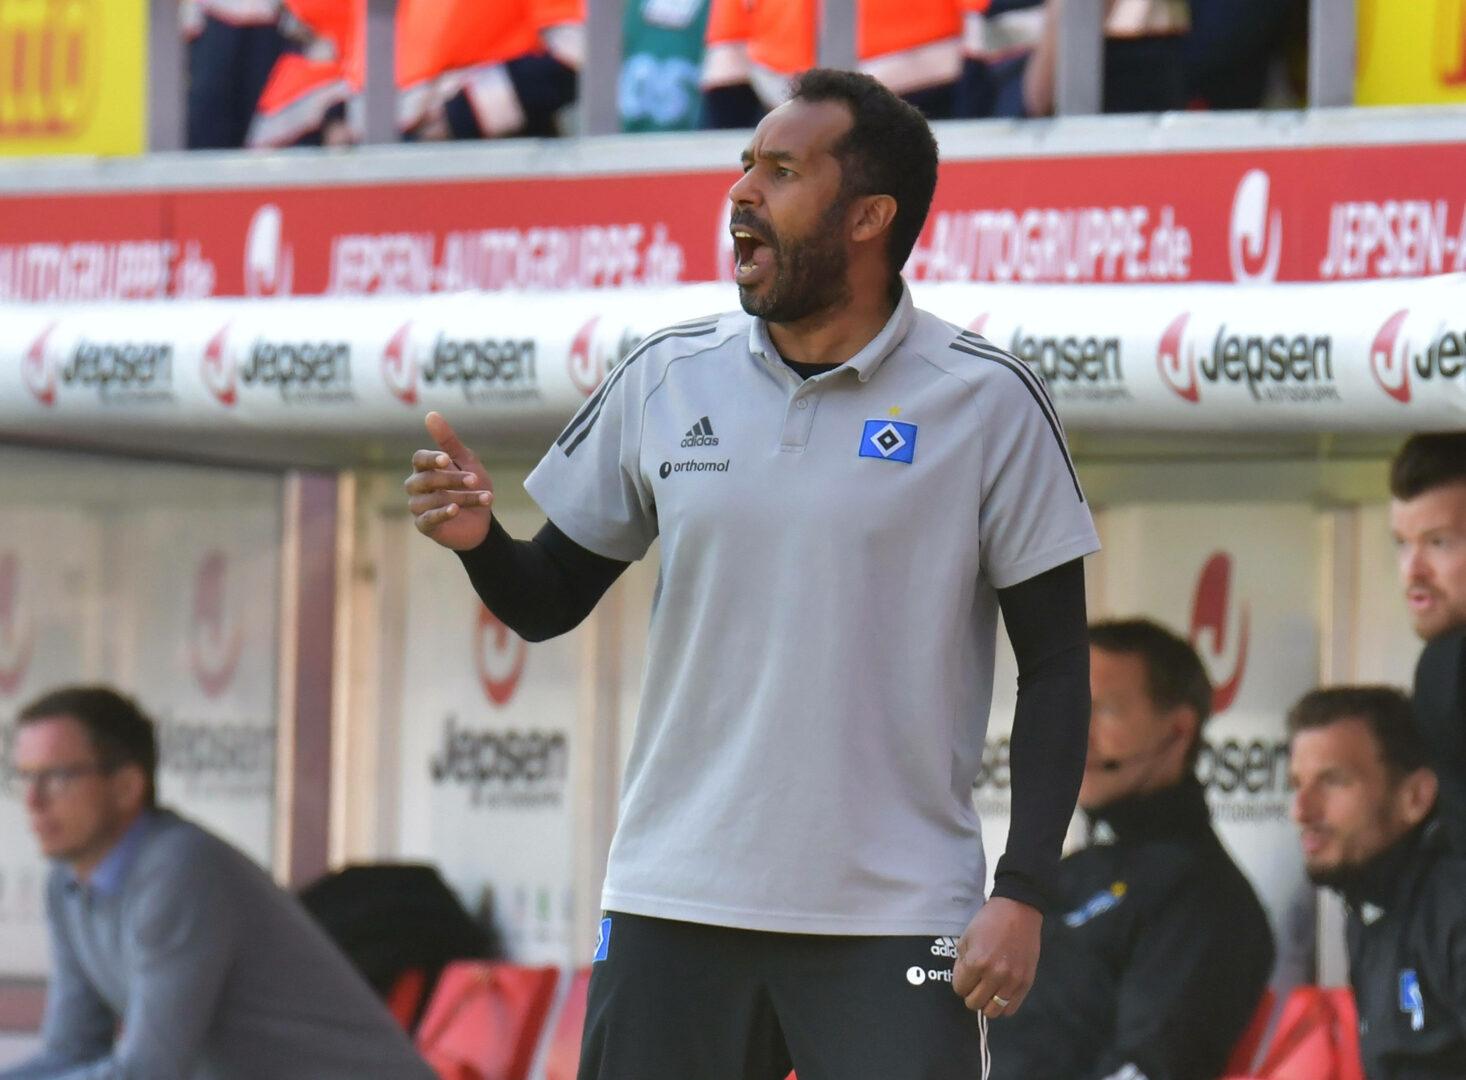 """Ex-HSV-Trainer Thioune will Job in der Bundesliga: """"Auf Sicht mein Ziel"""""""